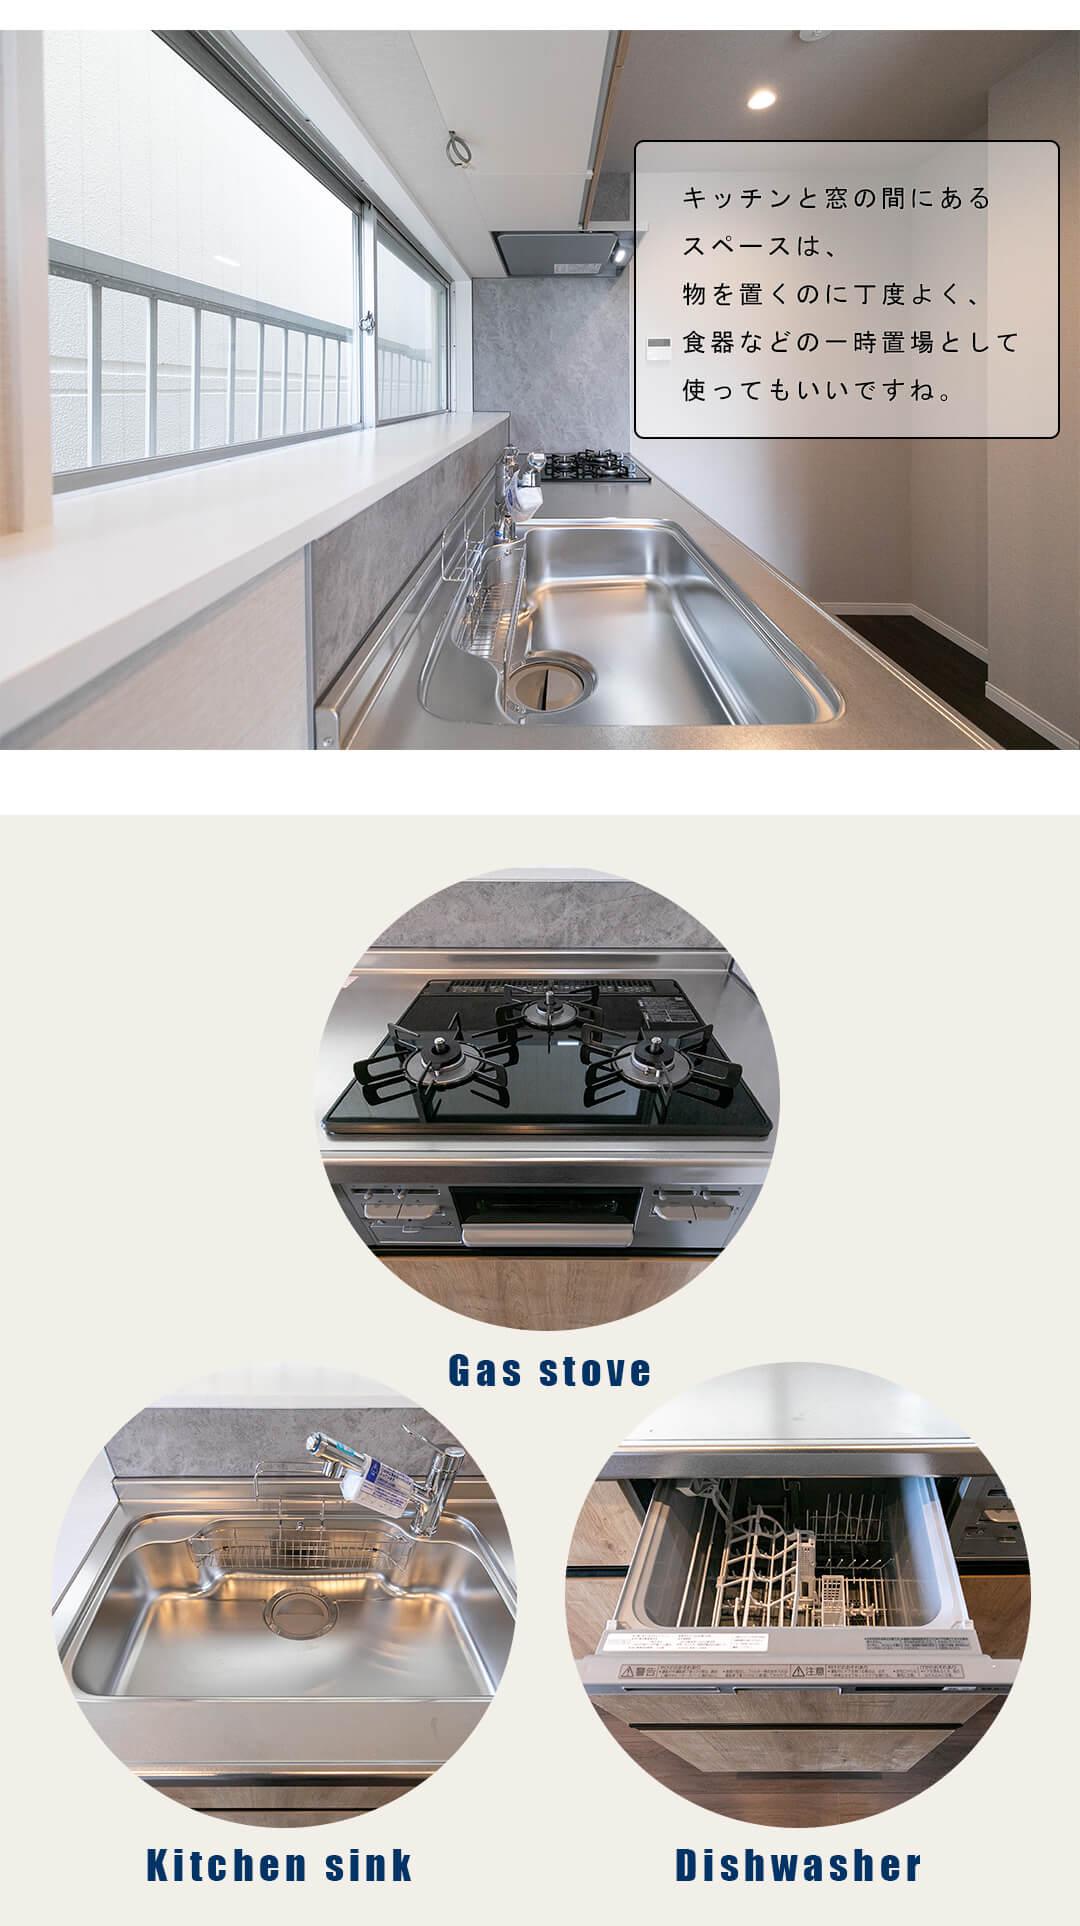 パレドール新宿のキッチン